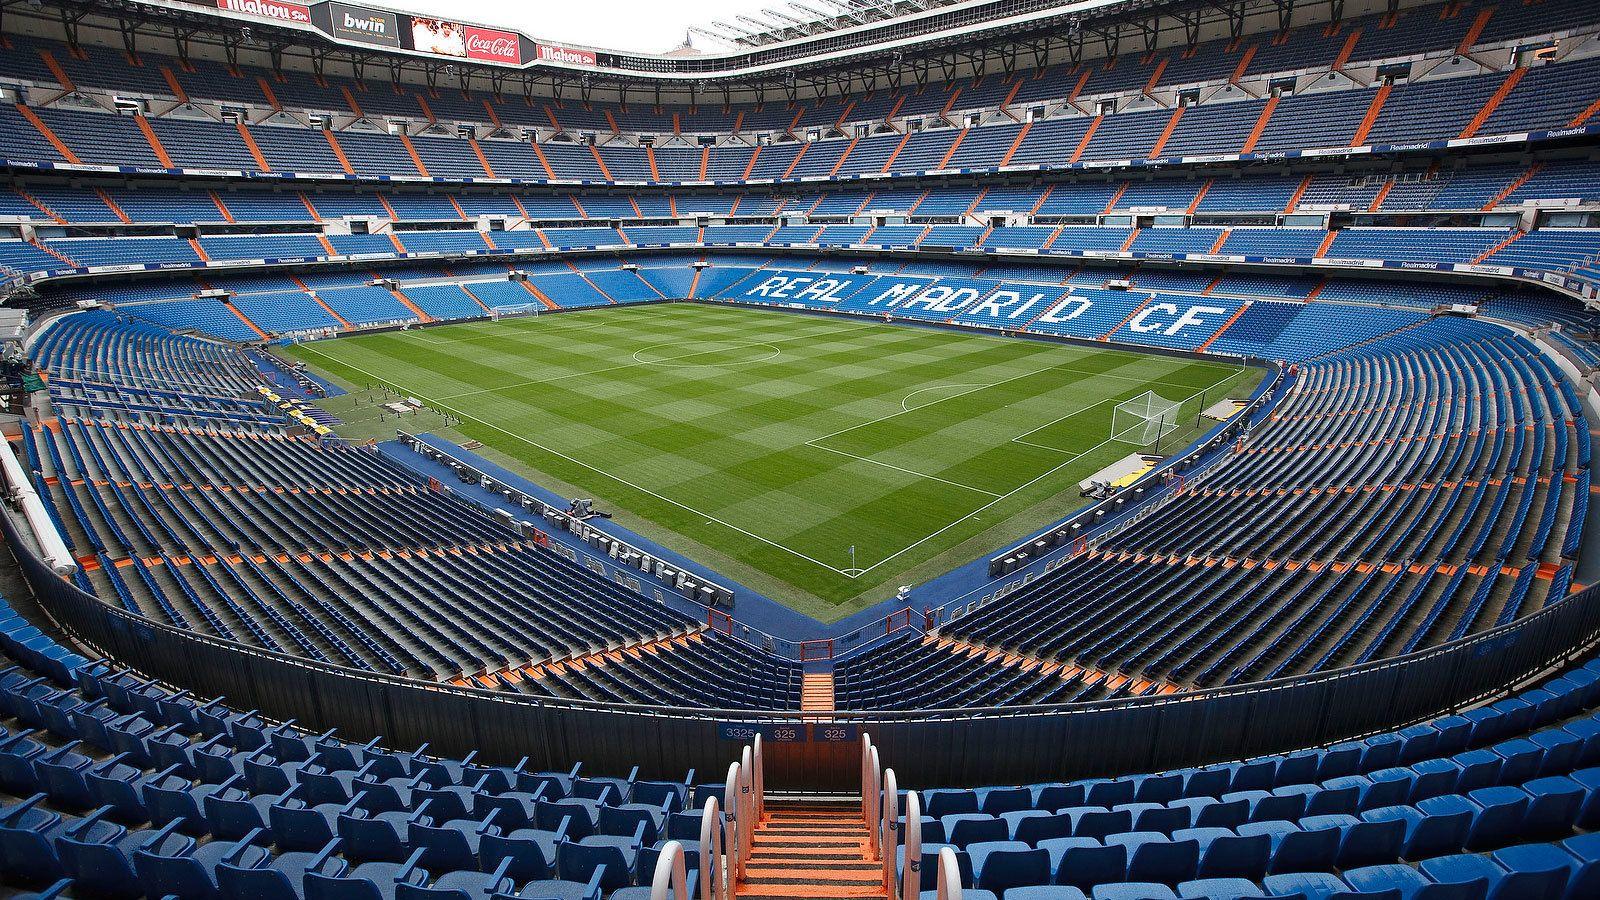 Real Madrid Bernabeu tur – billett med åpen dato (bare billett)